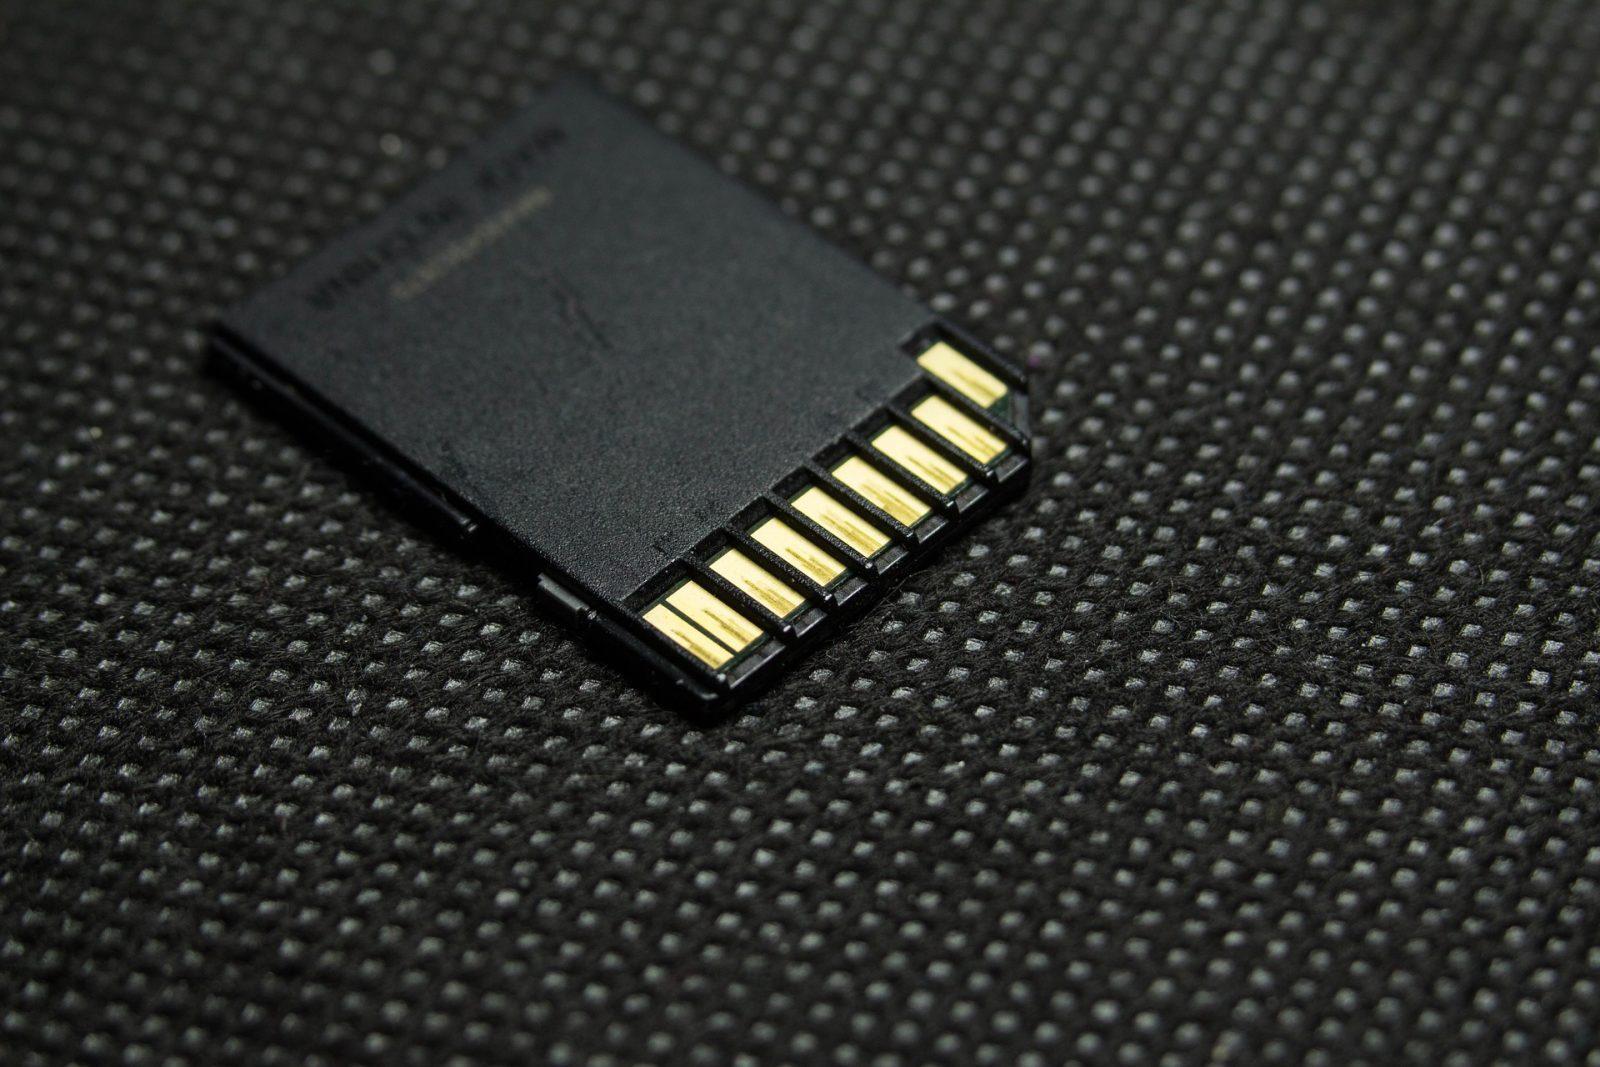 Rückseite einer SD Karte auf Teppichboden